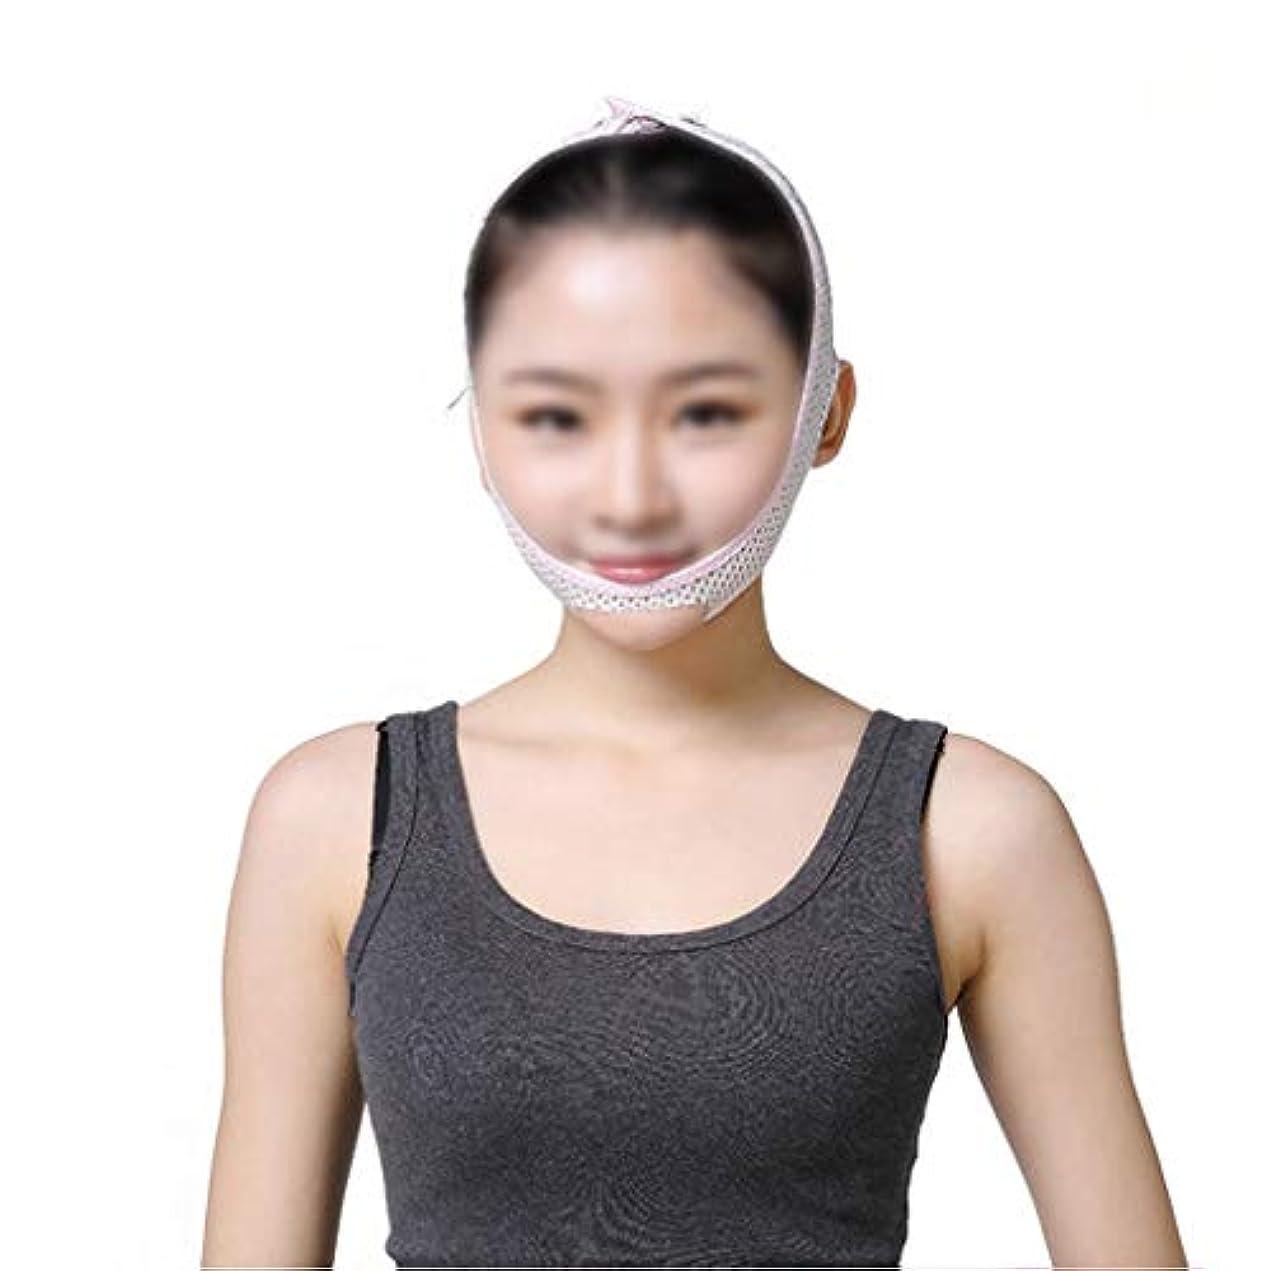 実用的消化マニアックGLJJQMY 薄い顔のマスク快適な 引き締め肌の引き締め睡眠薄い顔のアーティファクト抗しわ除去二重あご術後回復マスク 顔用整形マスク